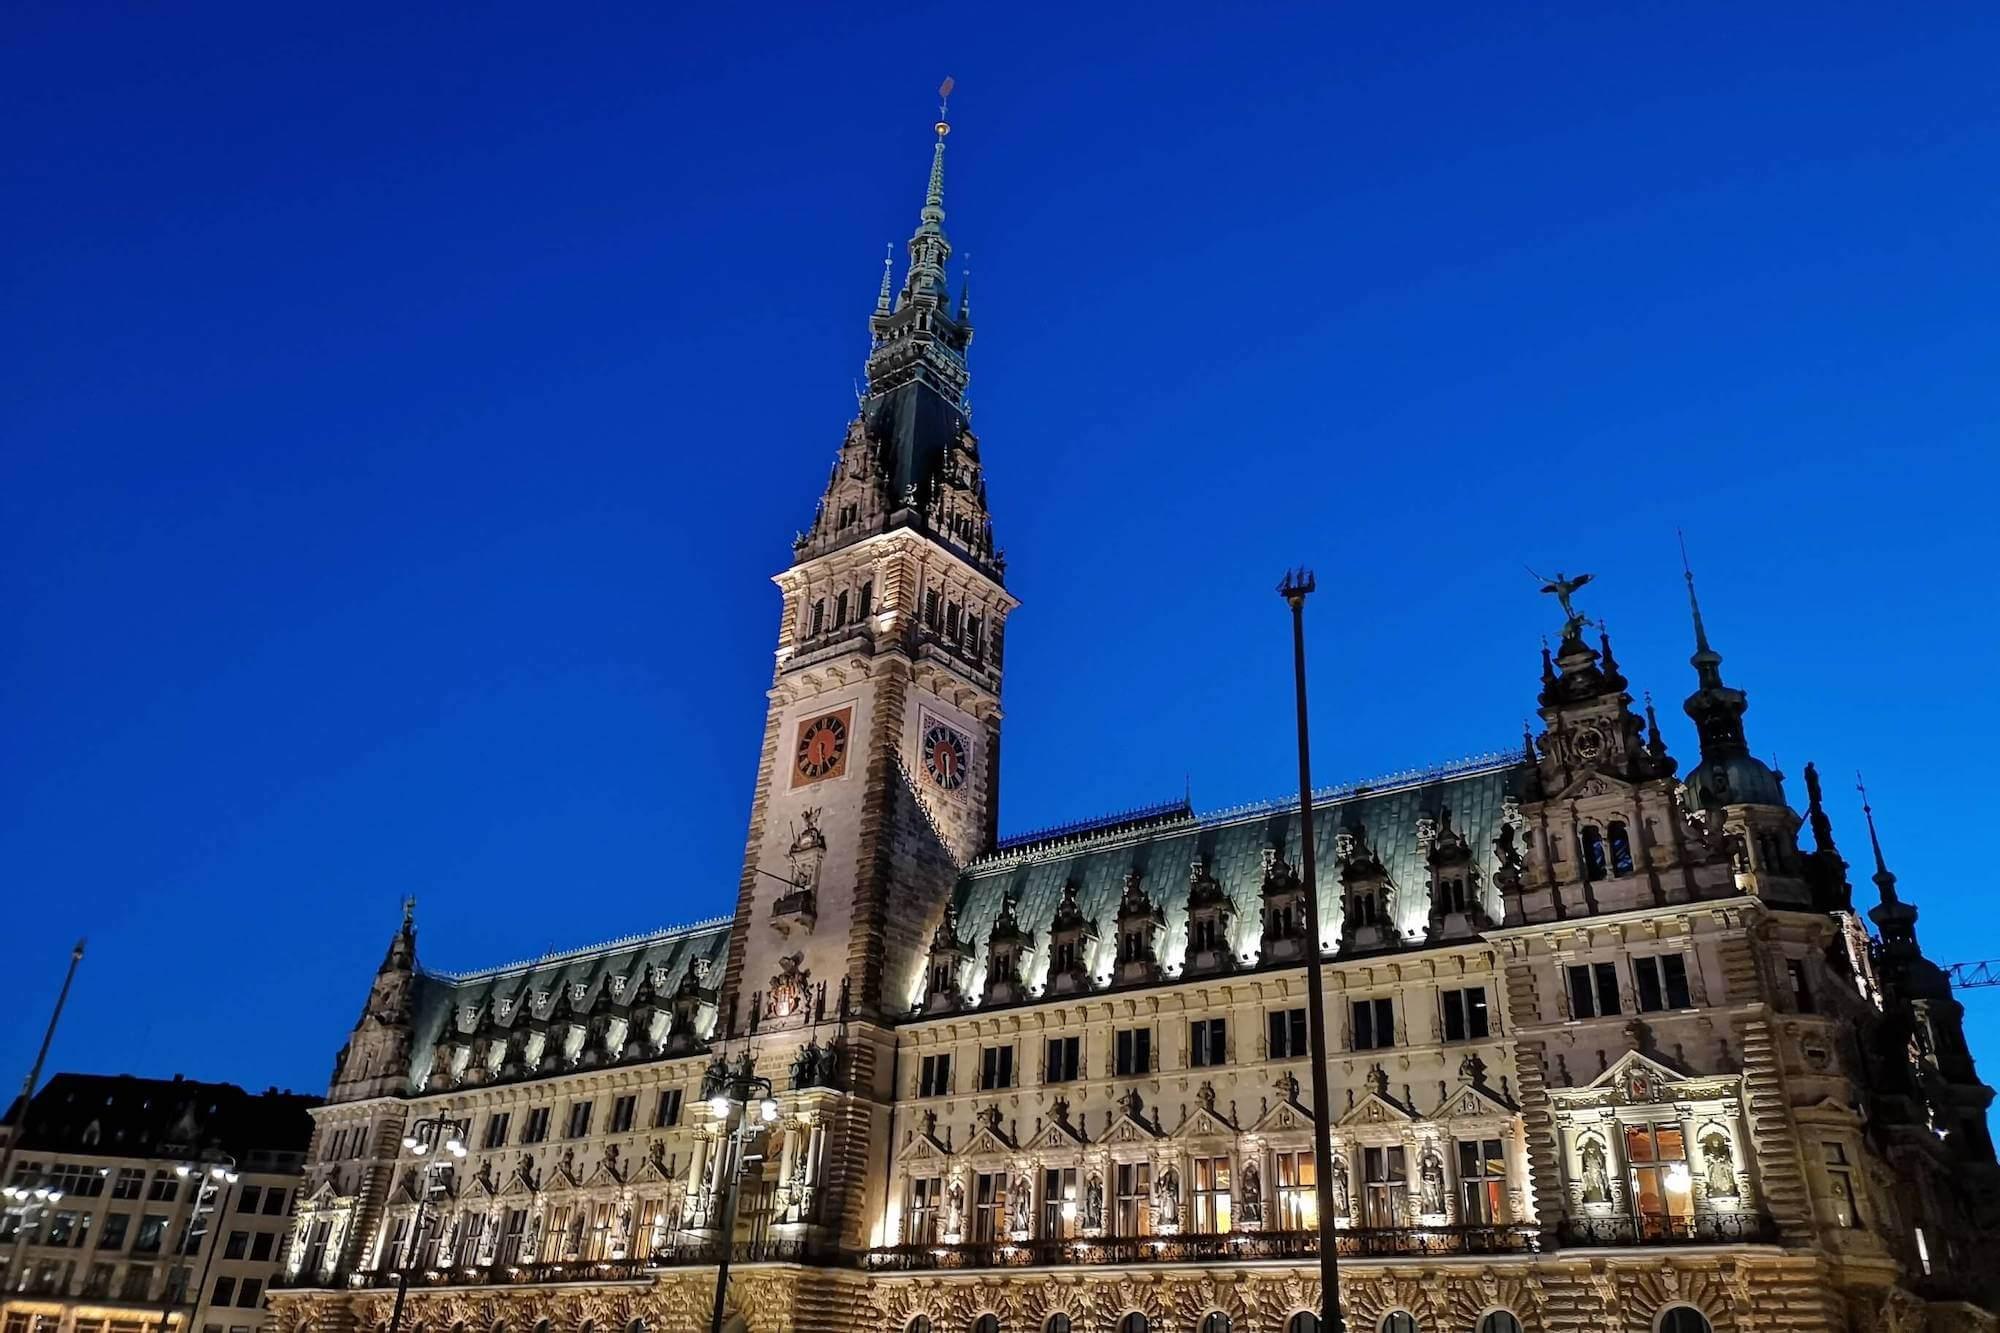 Eine Hashtag-Analyse für die Lange Nacht der Museen Hamburg #lndm, die zeigt, wie die Organisatoren Twitter als Soziales Netzwerk einbinden.